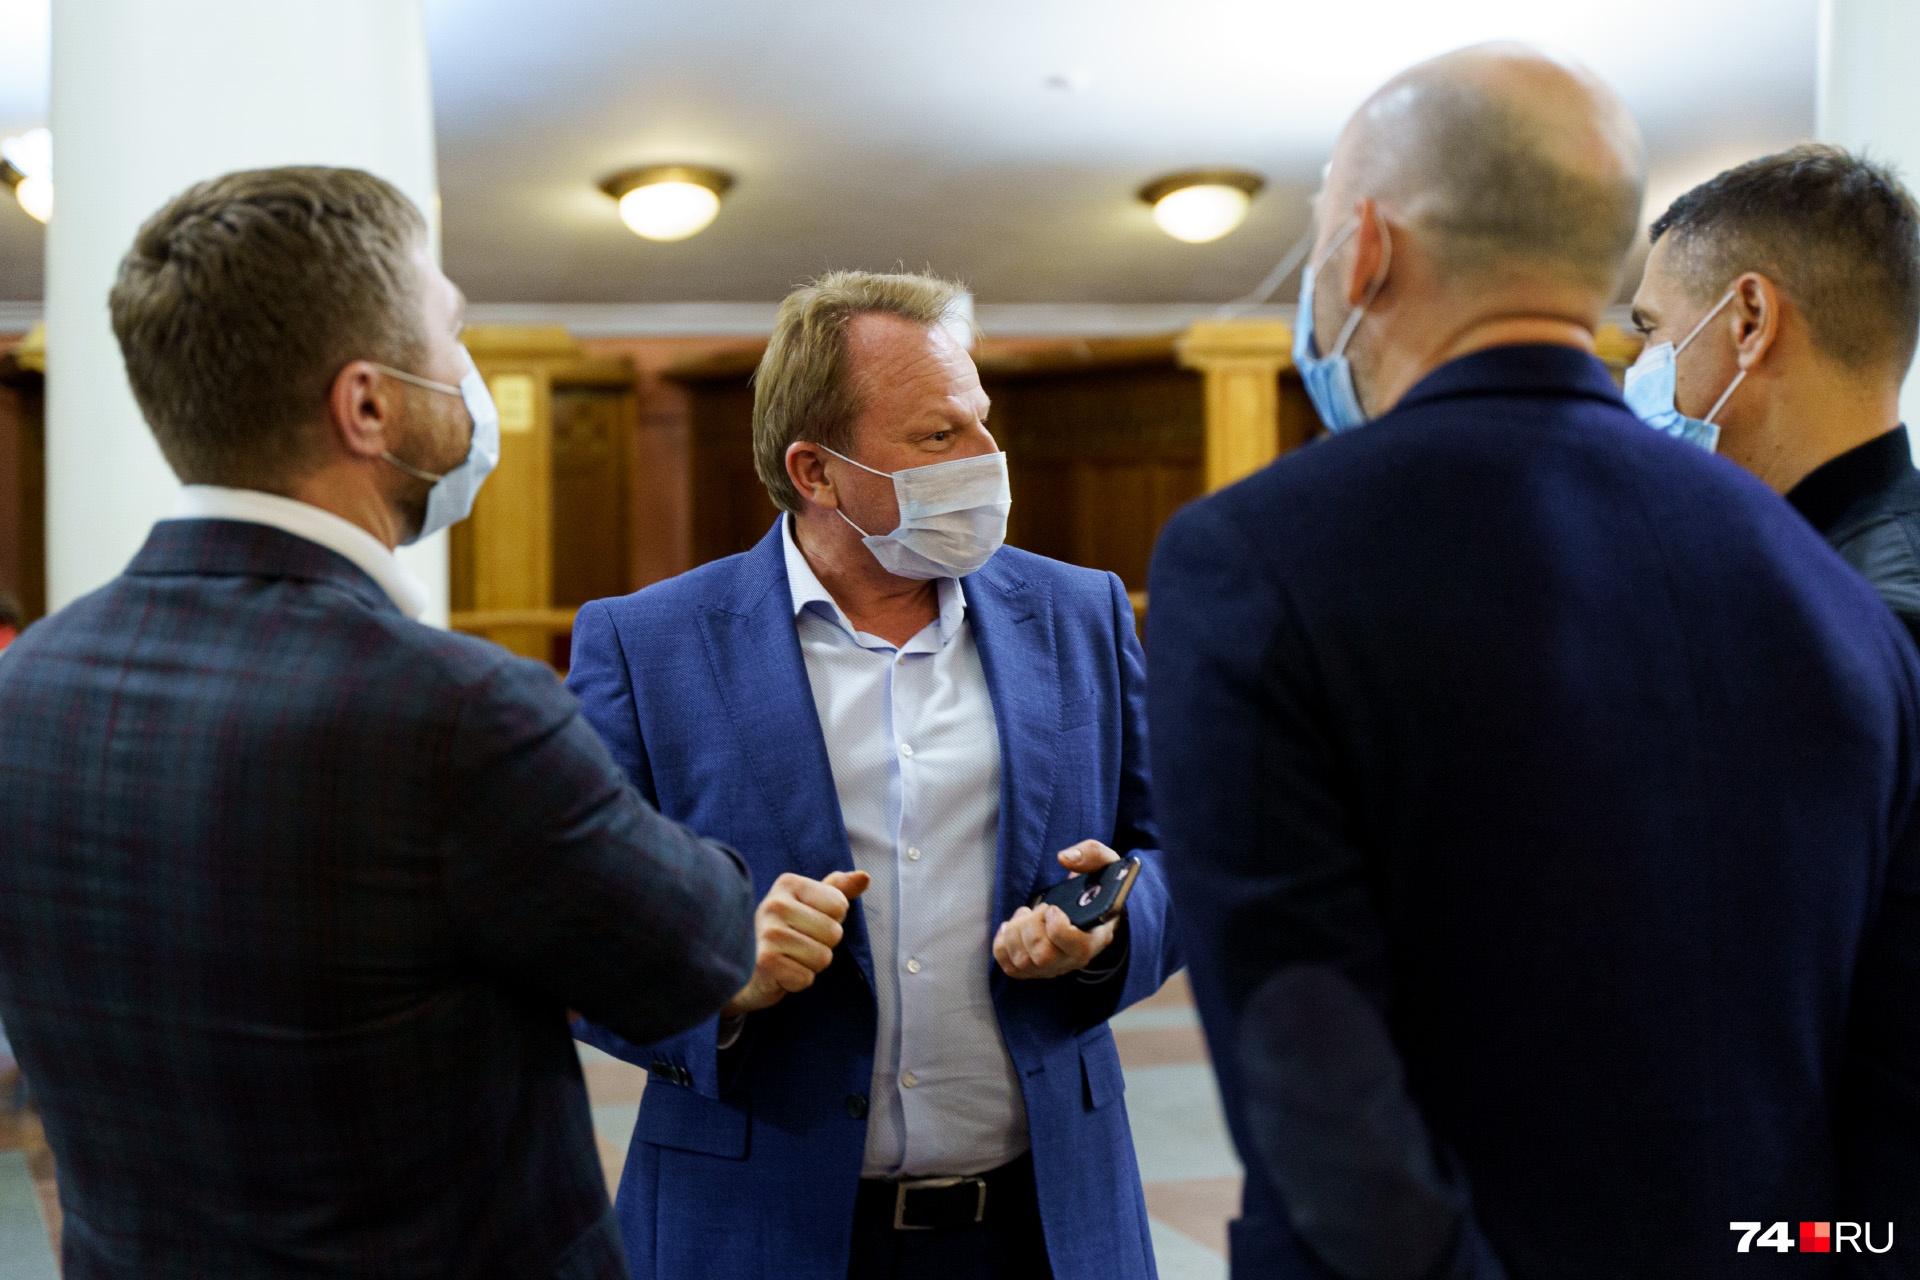 Генеральный директор Челябинской филармонии Алексей Пелымский тоже был замечен в фойе